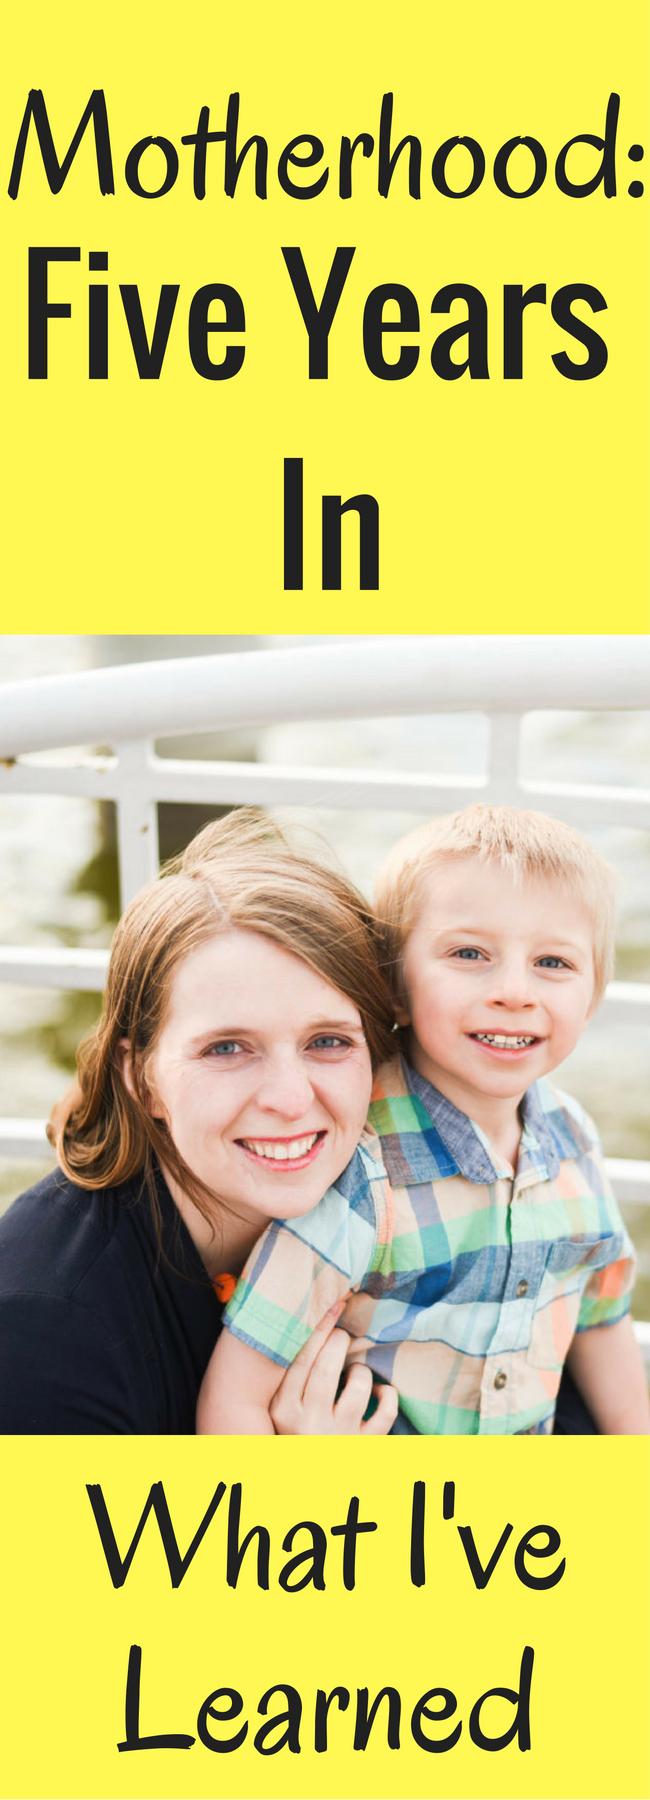 motherhood / motherhood quotes / motherhood articles / | motherhood | / motherhood tips / motherhood inspiration / motherhood struggles